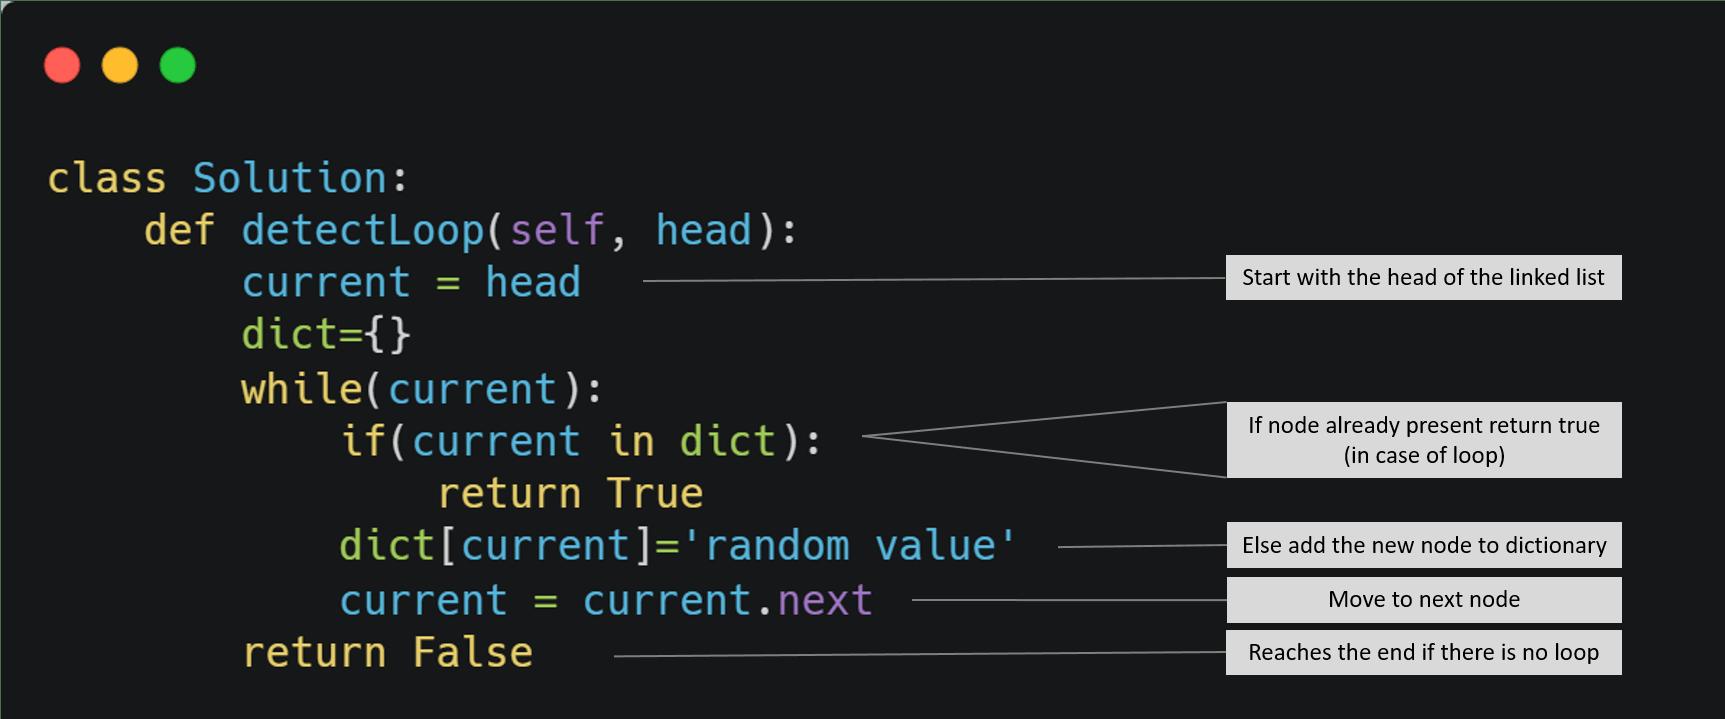 loop in linked list